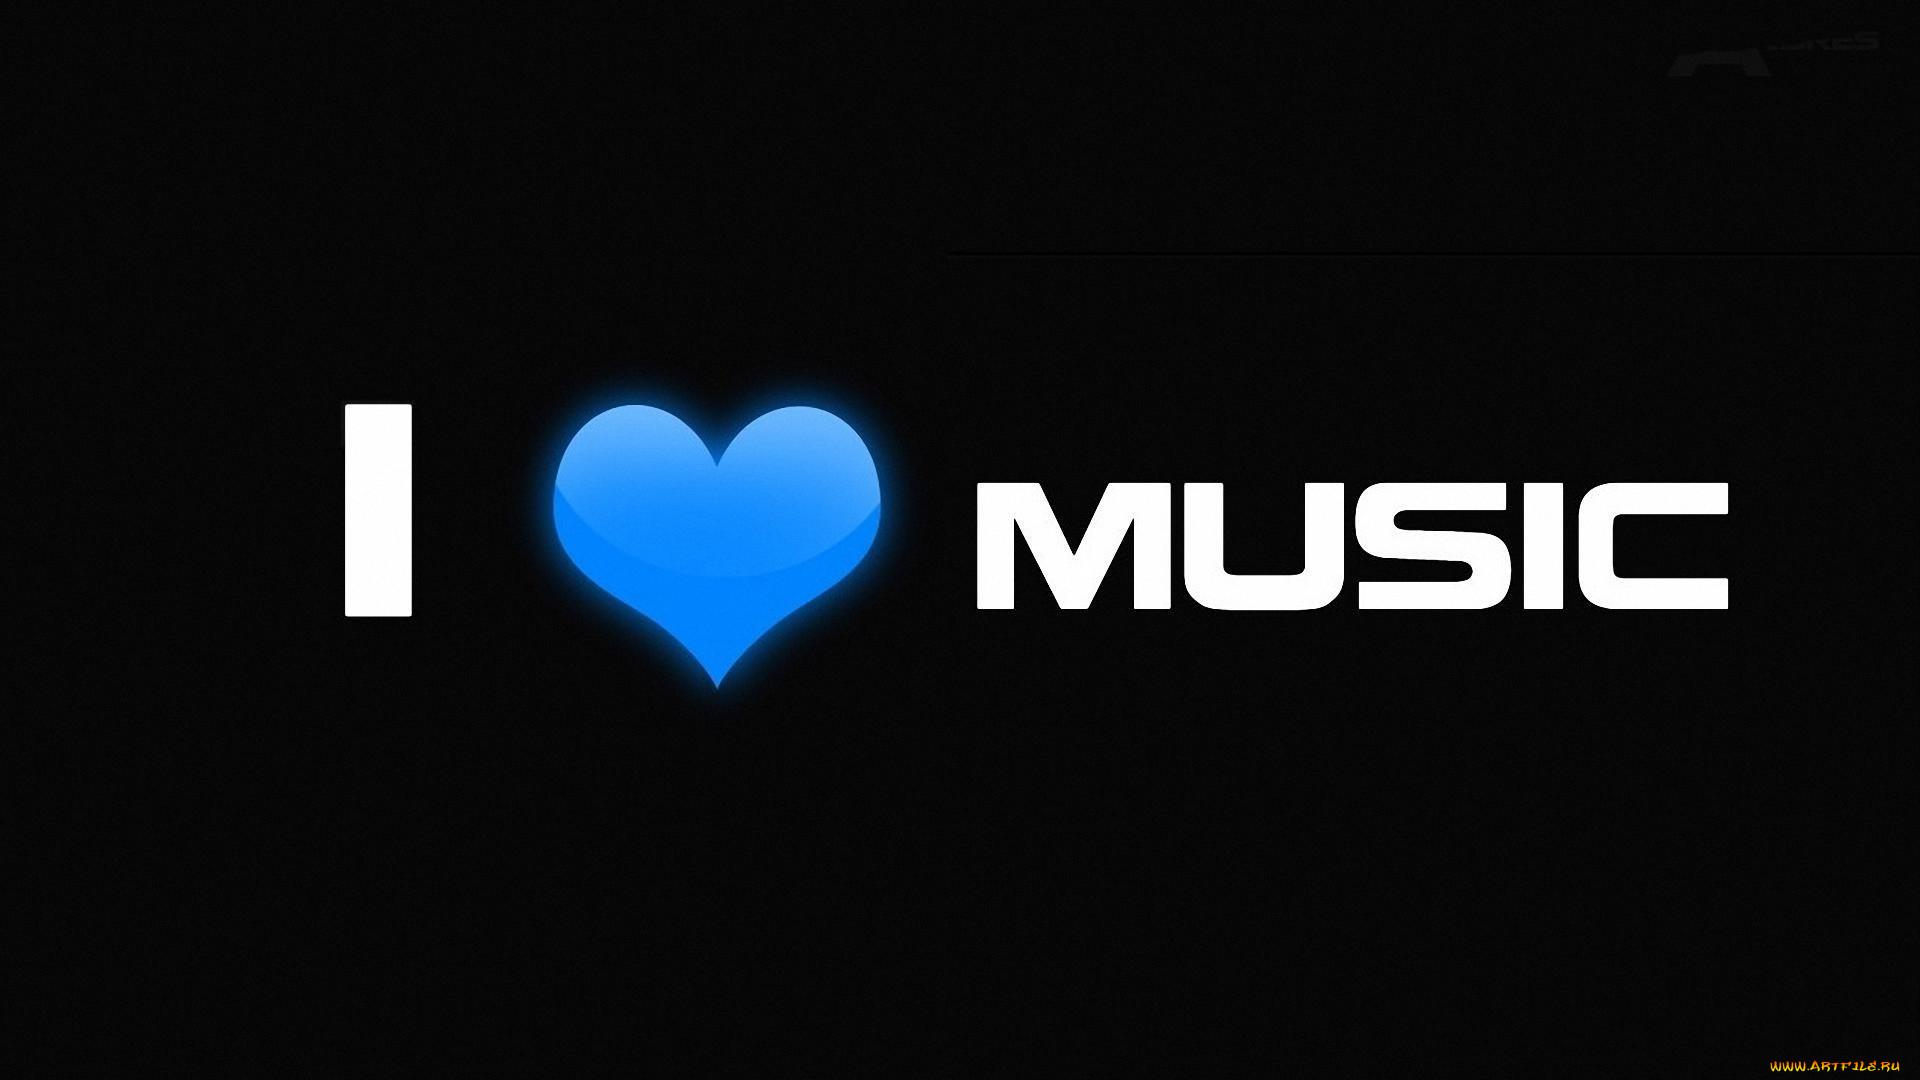 Картинка с надписью я люблю музыку